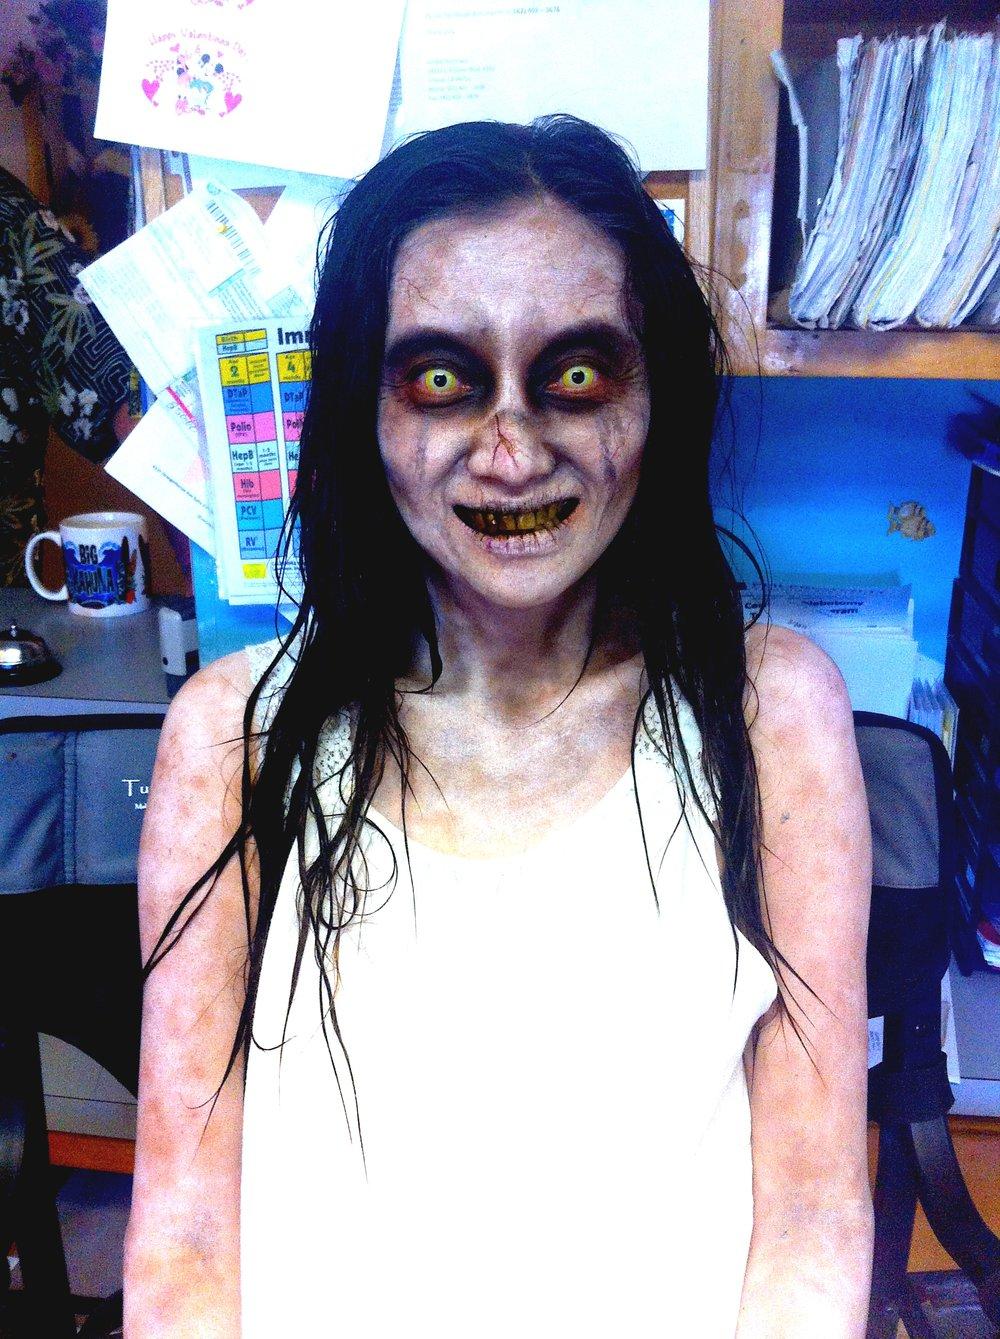 Dead girl makeup by Hannah Sherer.